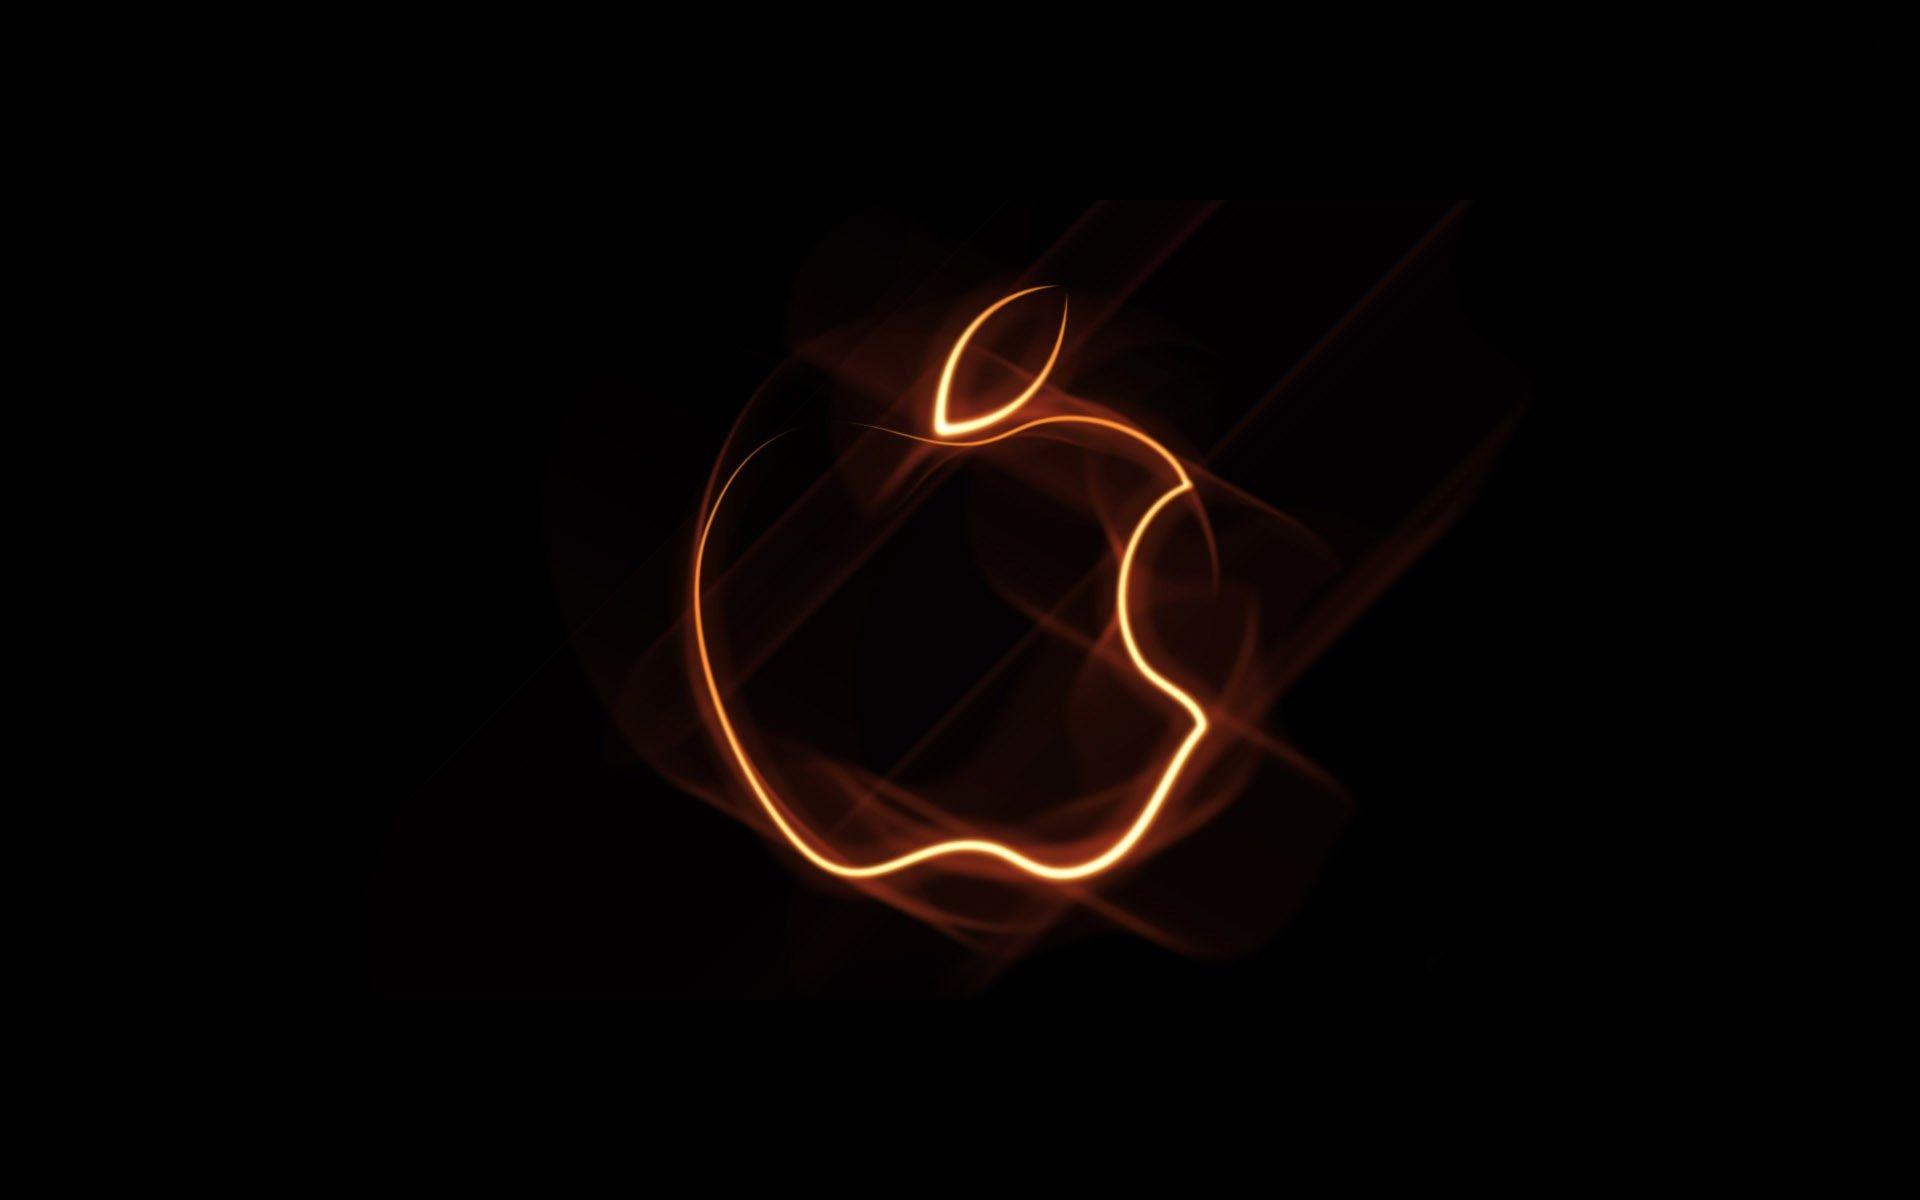 Desktop Apple Logo Wallpapers Download